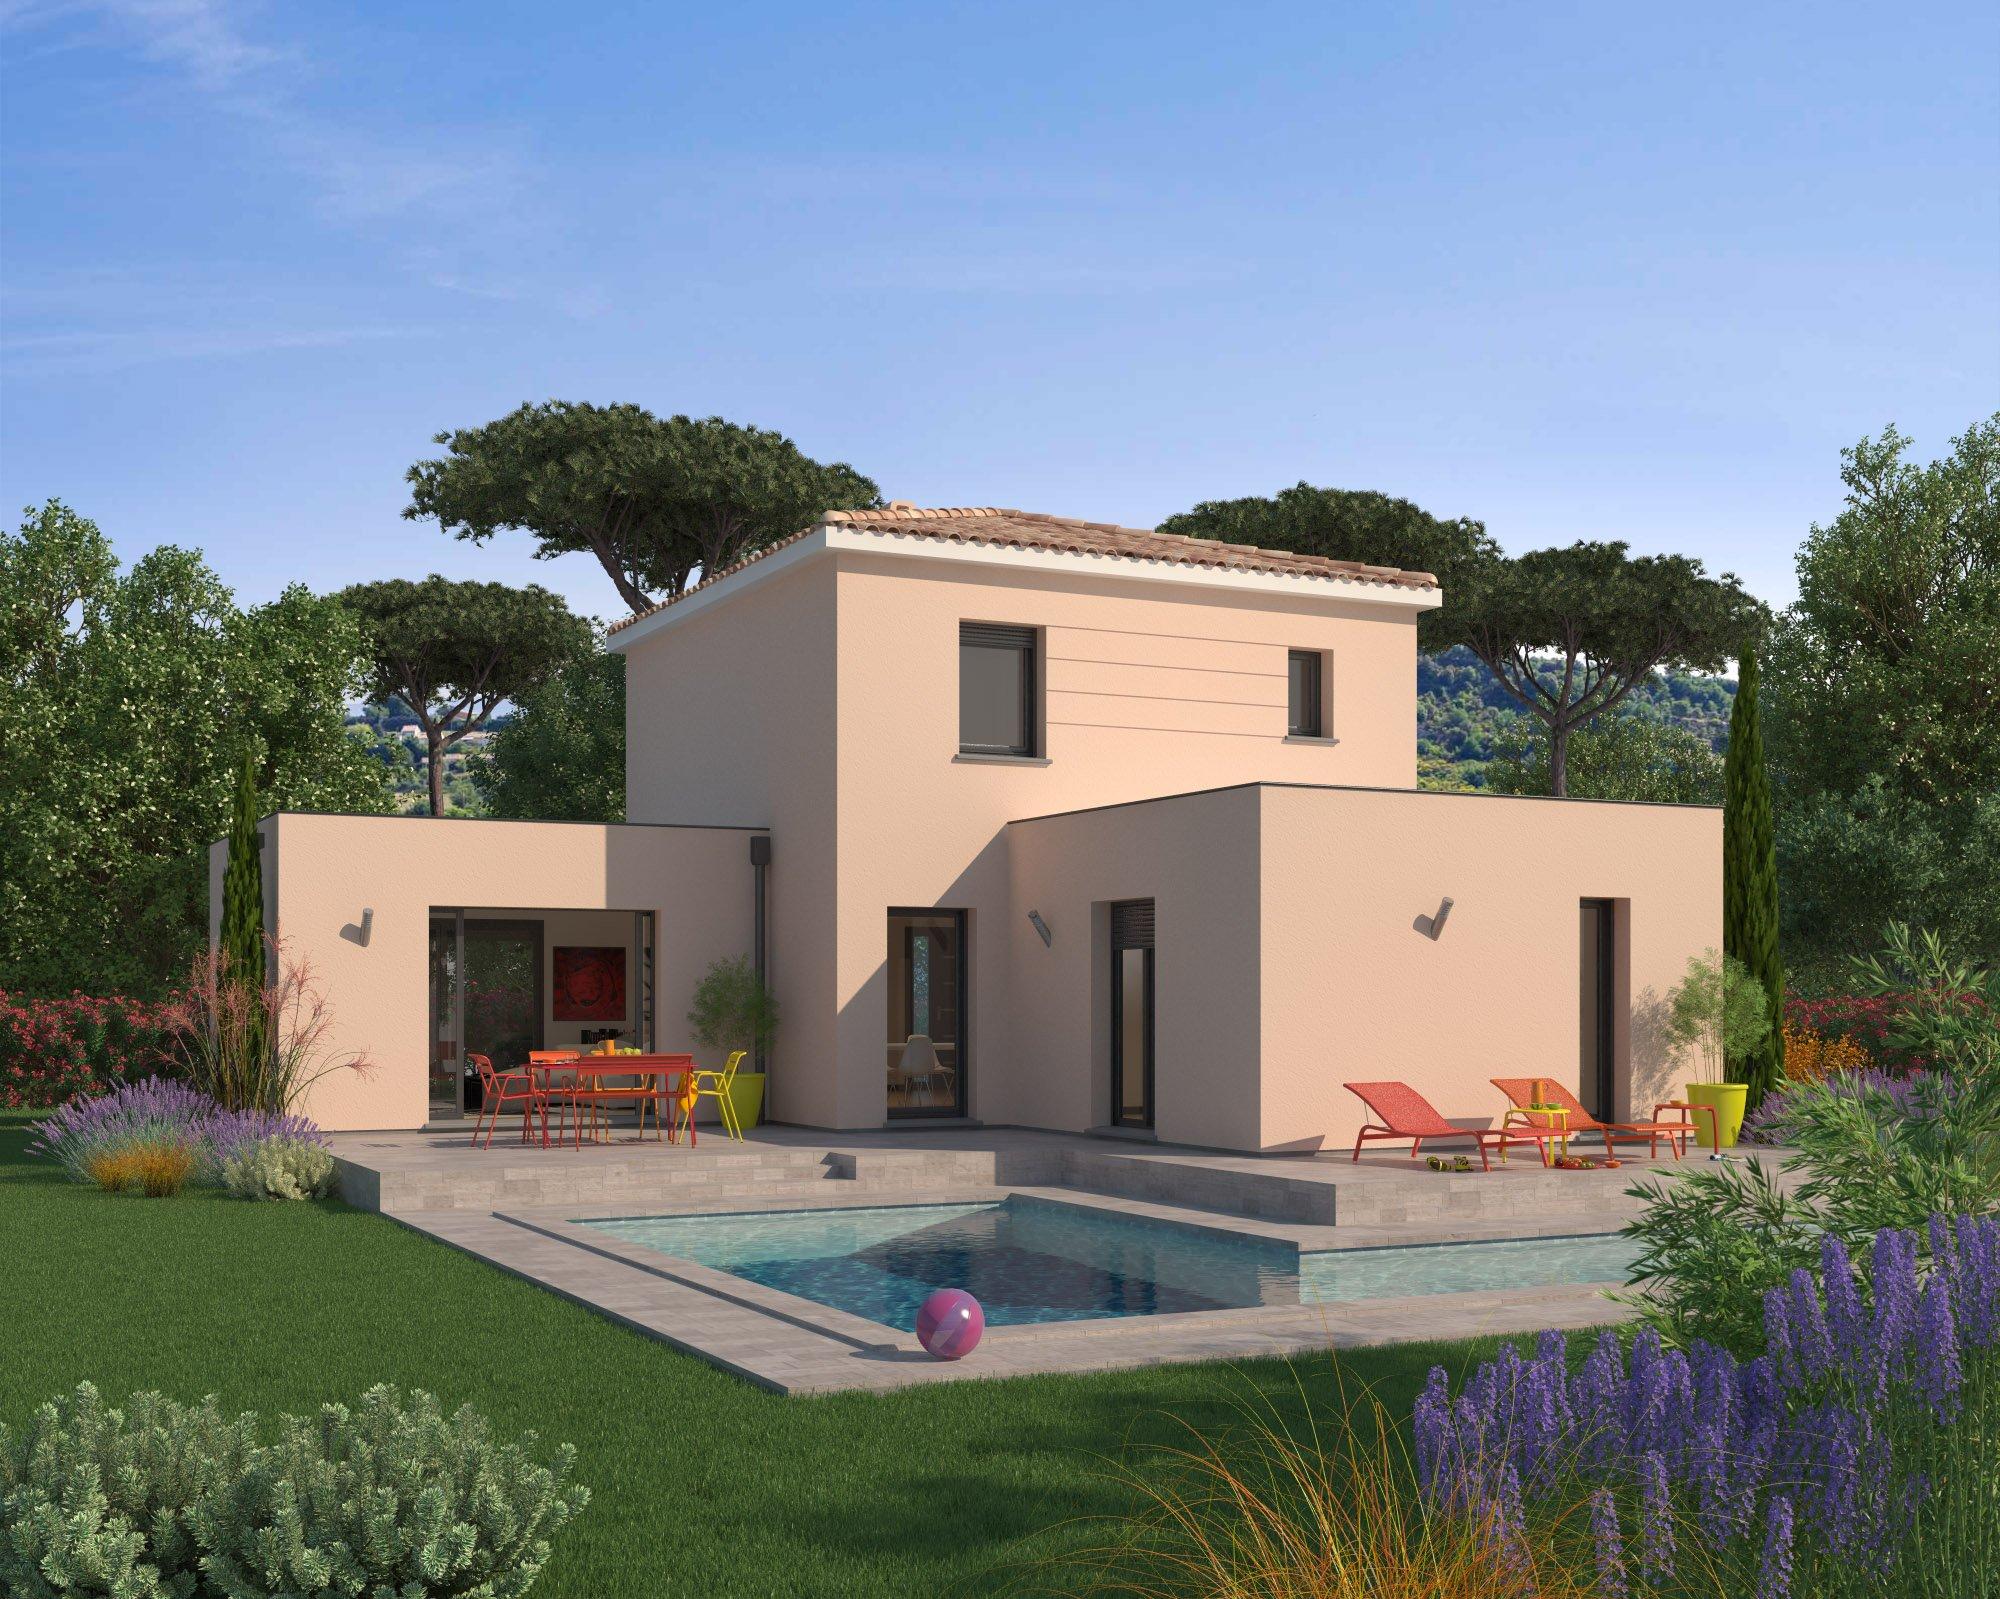 Maisons + Terrains du constructeur MAISON FAMILIALE • 131 m² • PUGET SUR ARGENS